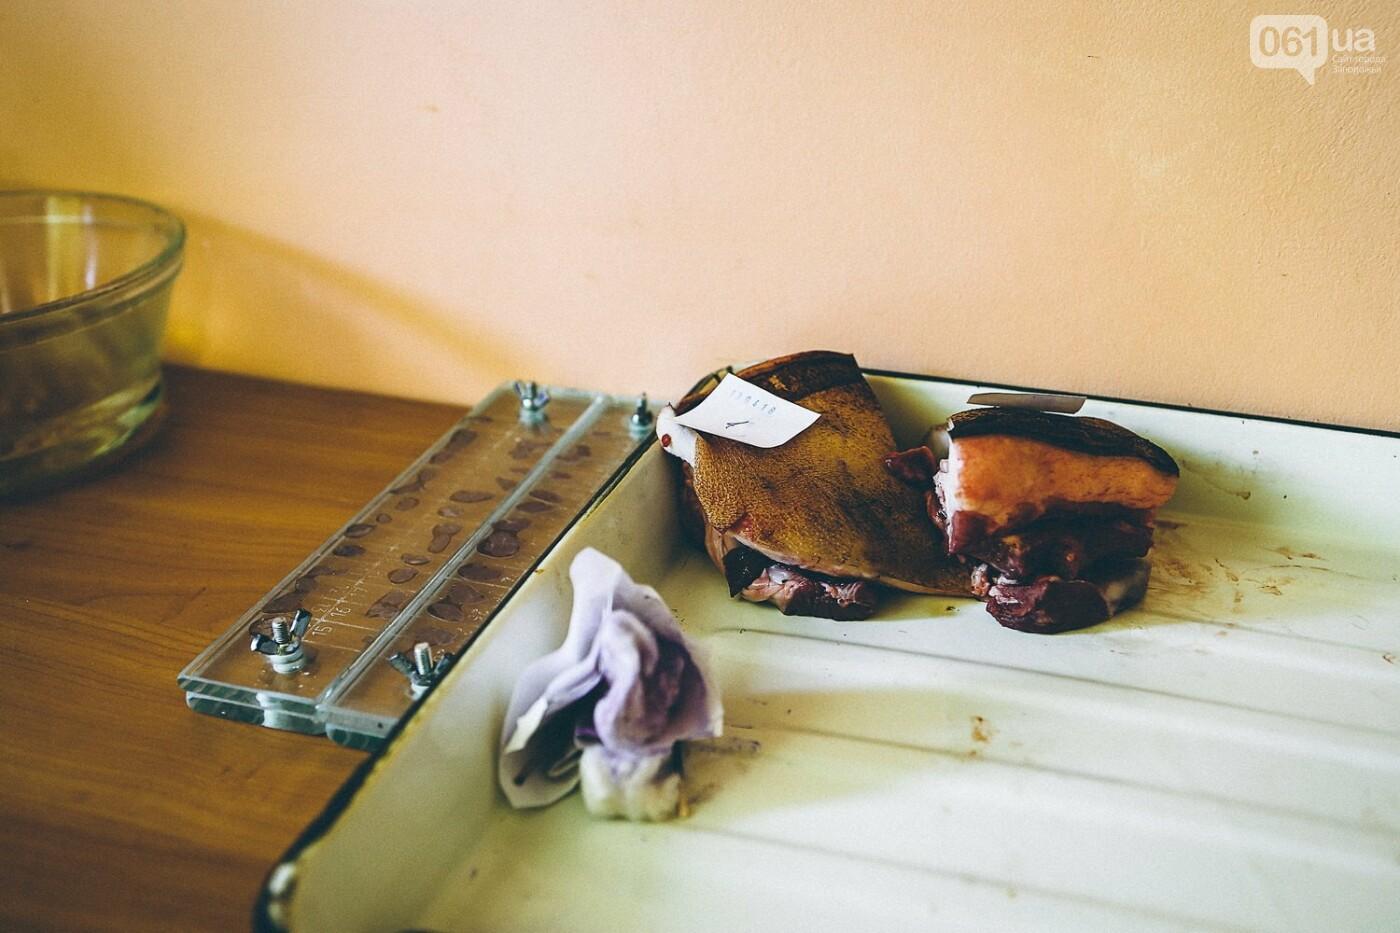 Забой скота в Украине приходит к европейским стандартам - ФОТОРЕПОРТАЖ 18+, фото-17